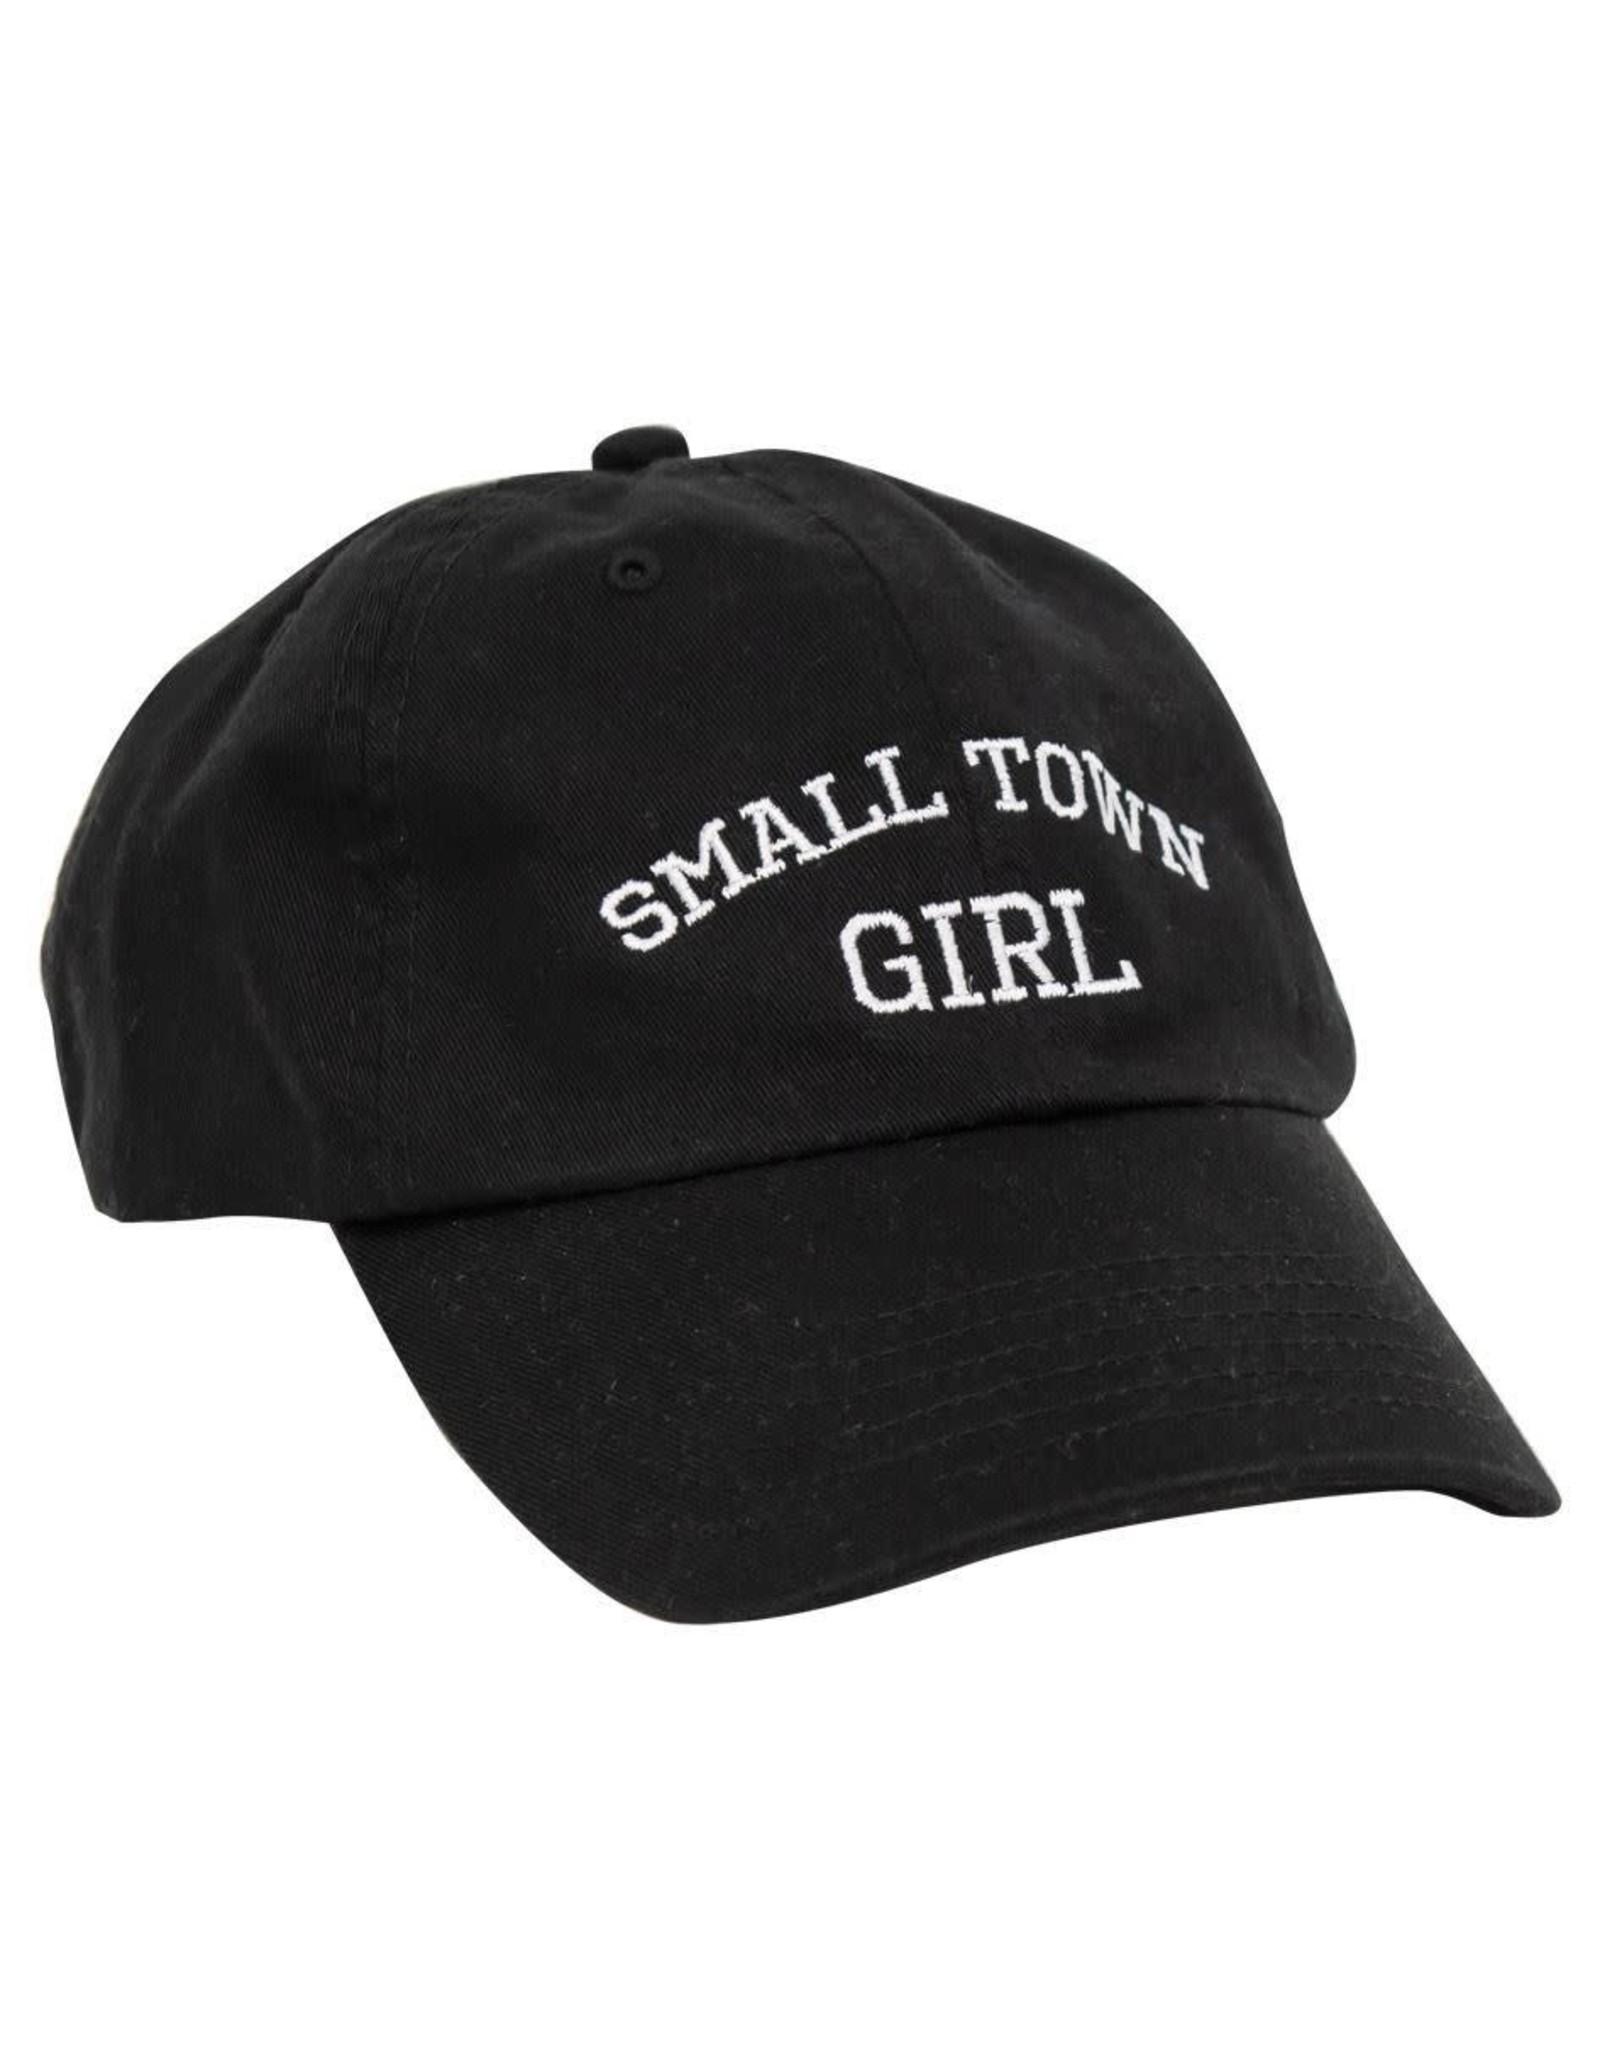 Relish Small Town Girl Baseball Hat